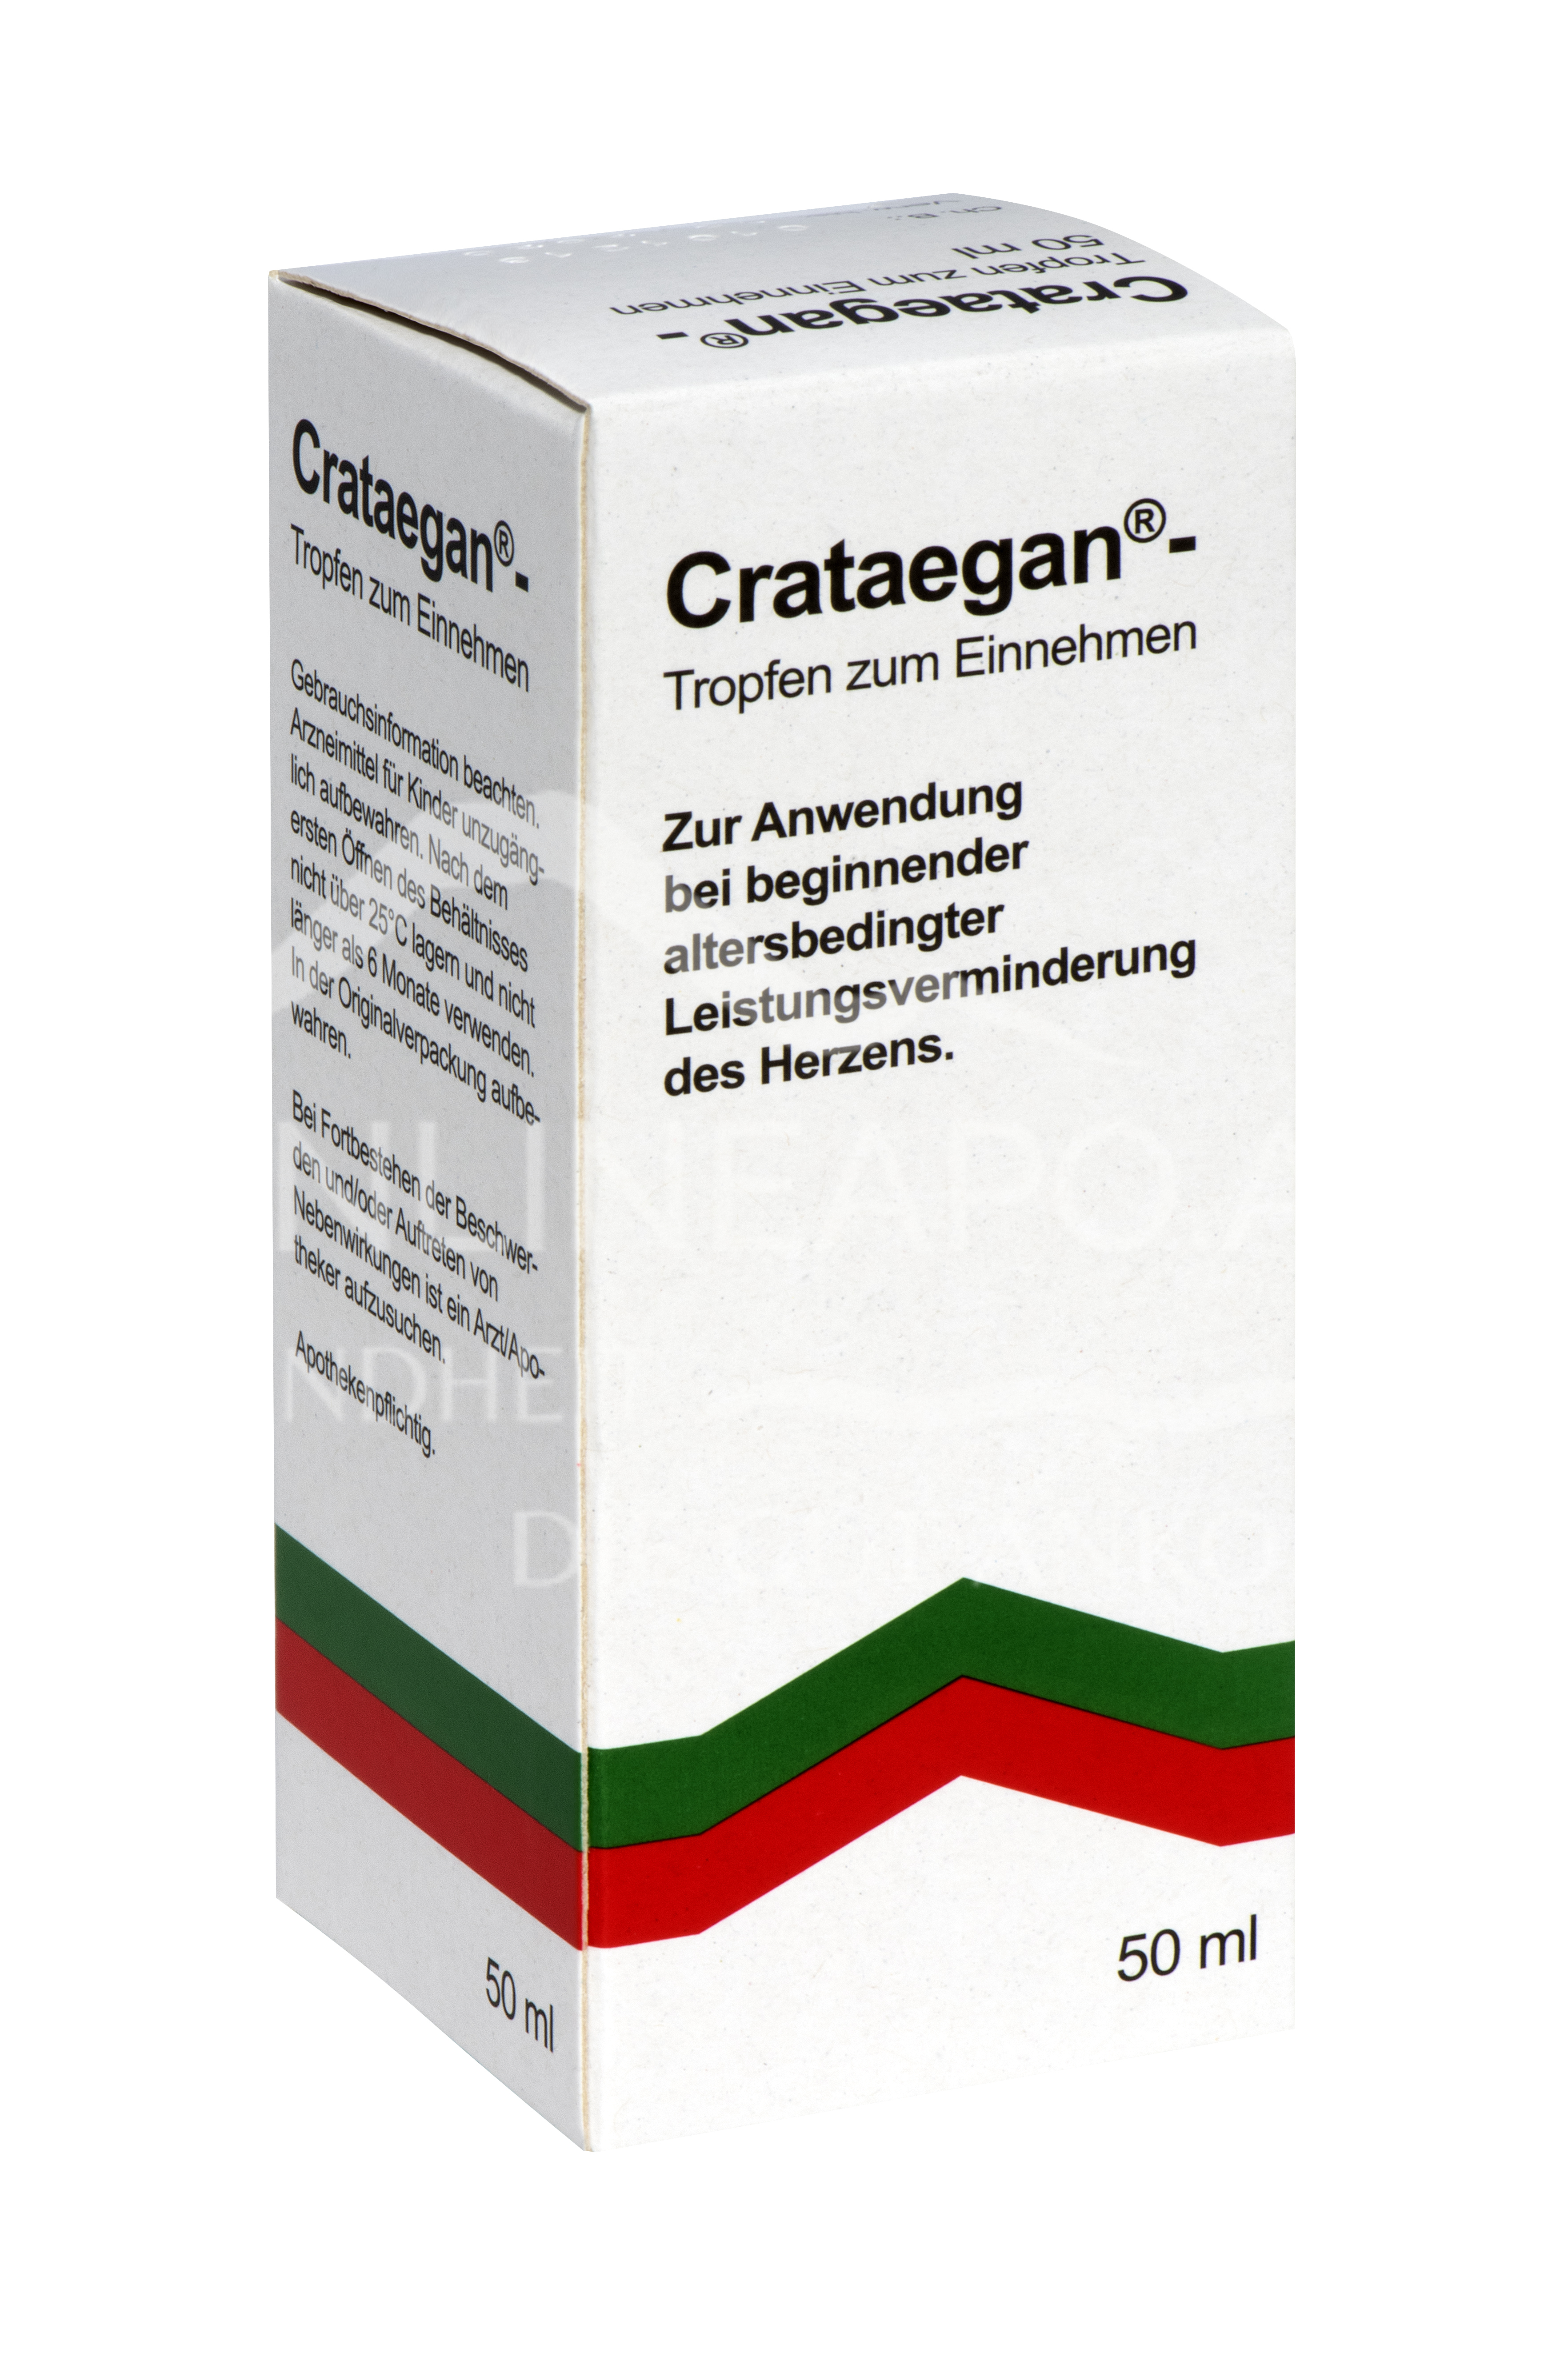 Crataegan® Tropfen